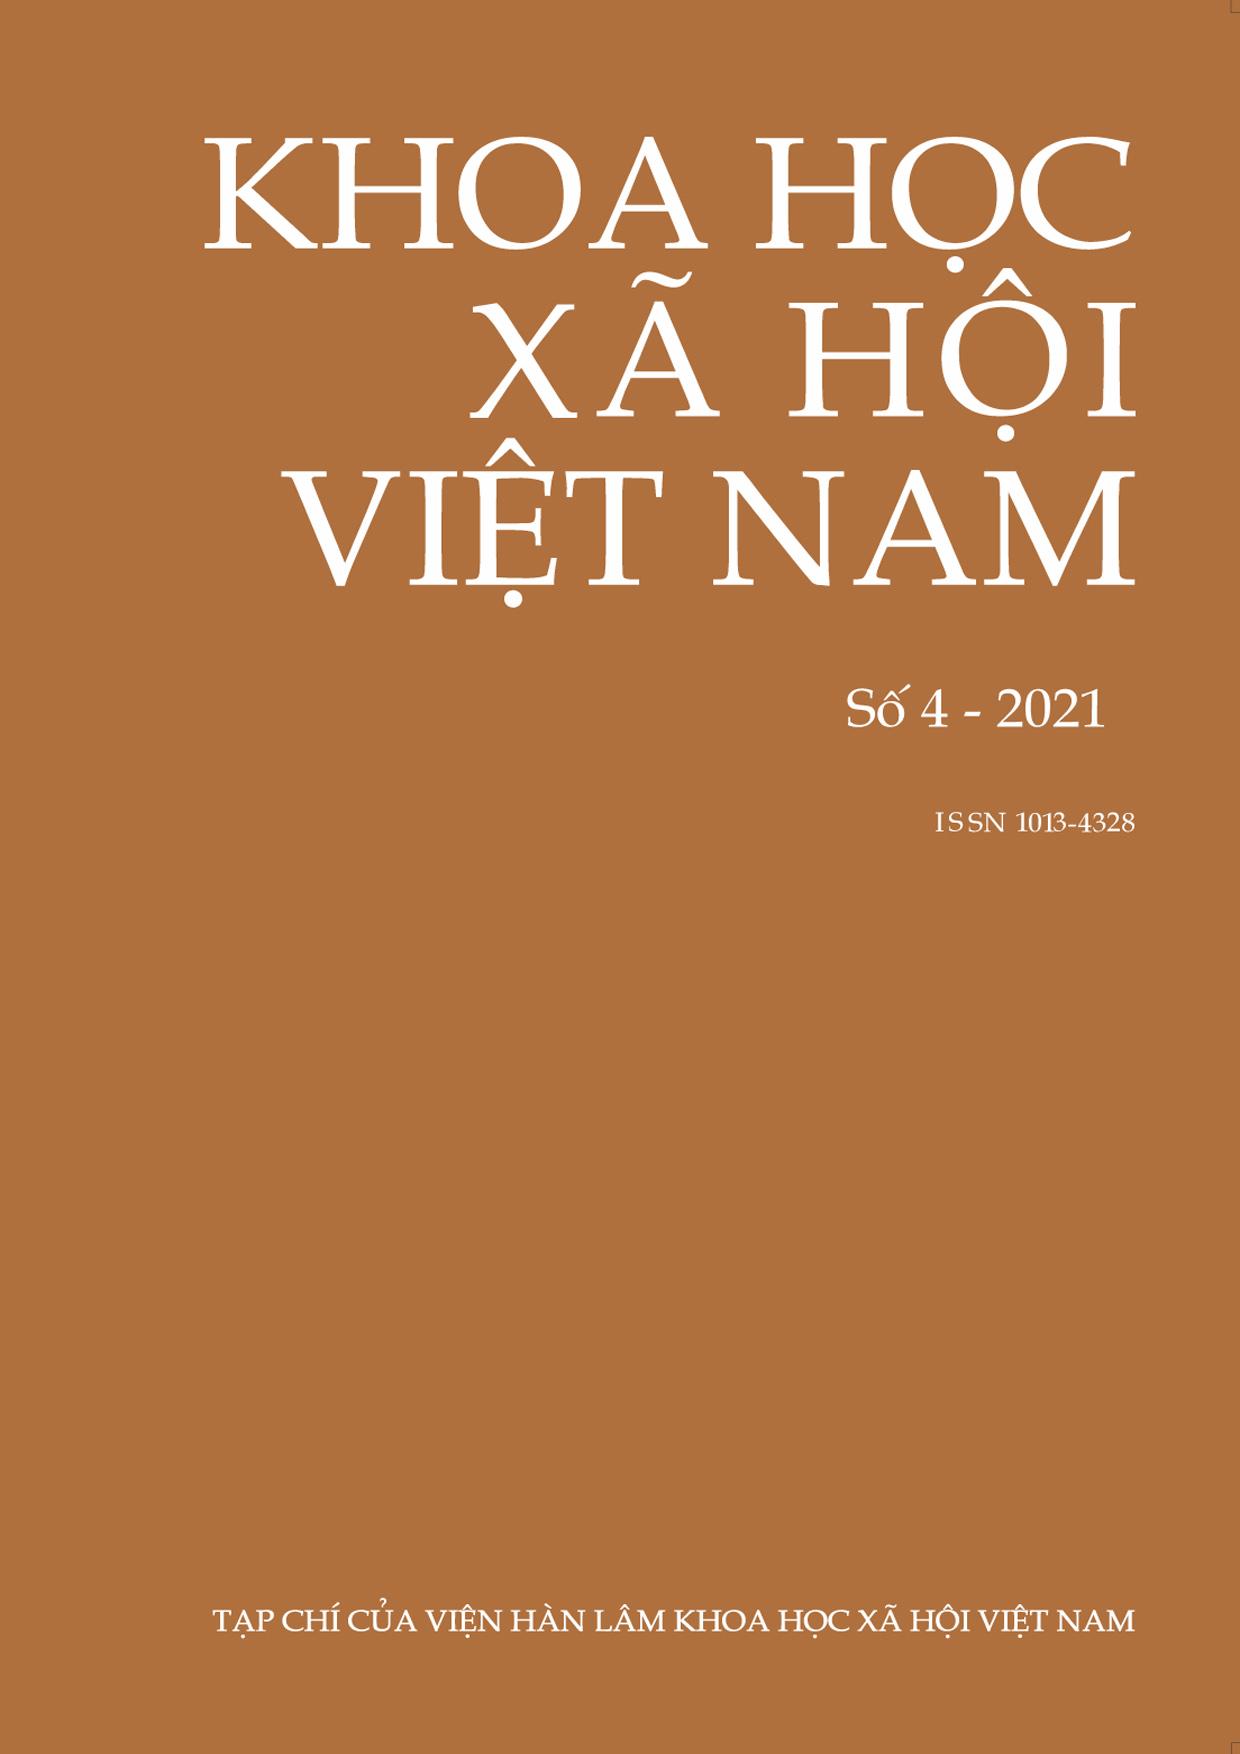 Khoa học xã hội Việt Nam. Số 4 - 2021